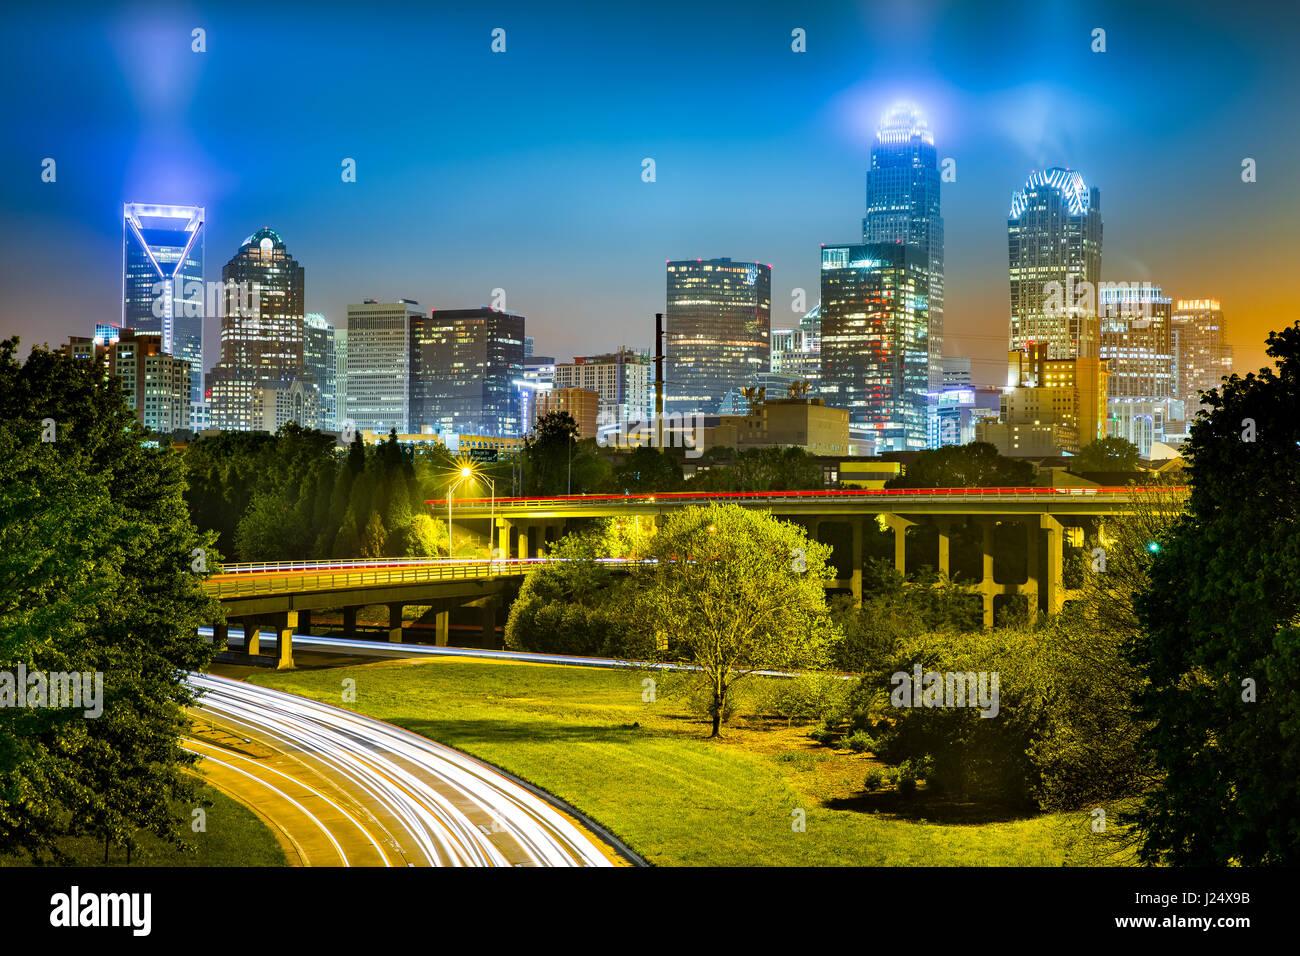 Ampel-Wanderwege in Charlotte, North Carolina. Die Skyline der Stadt leuchtet in einer nebligen Nacht. Stockfoto